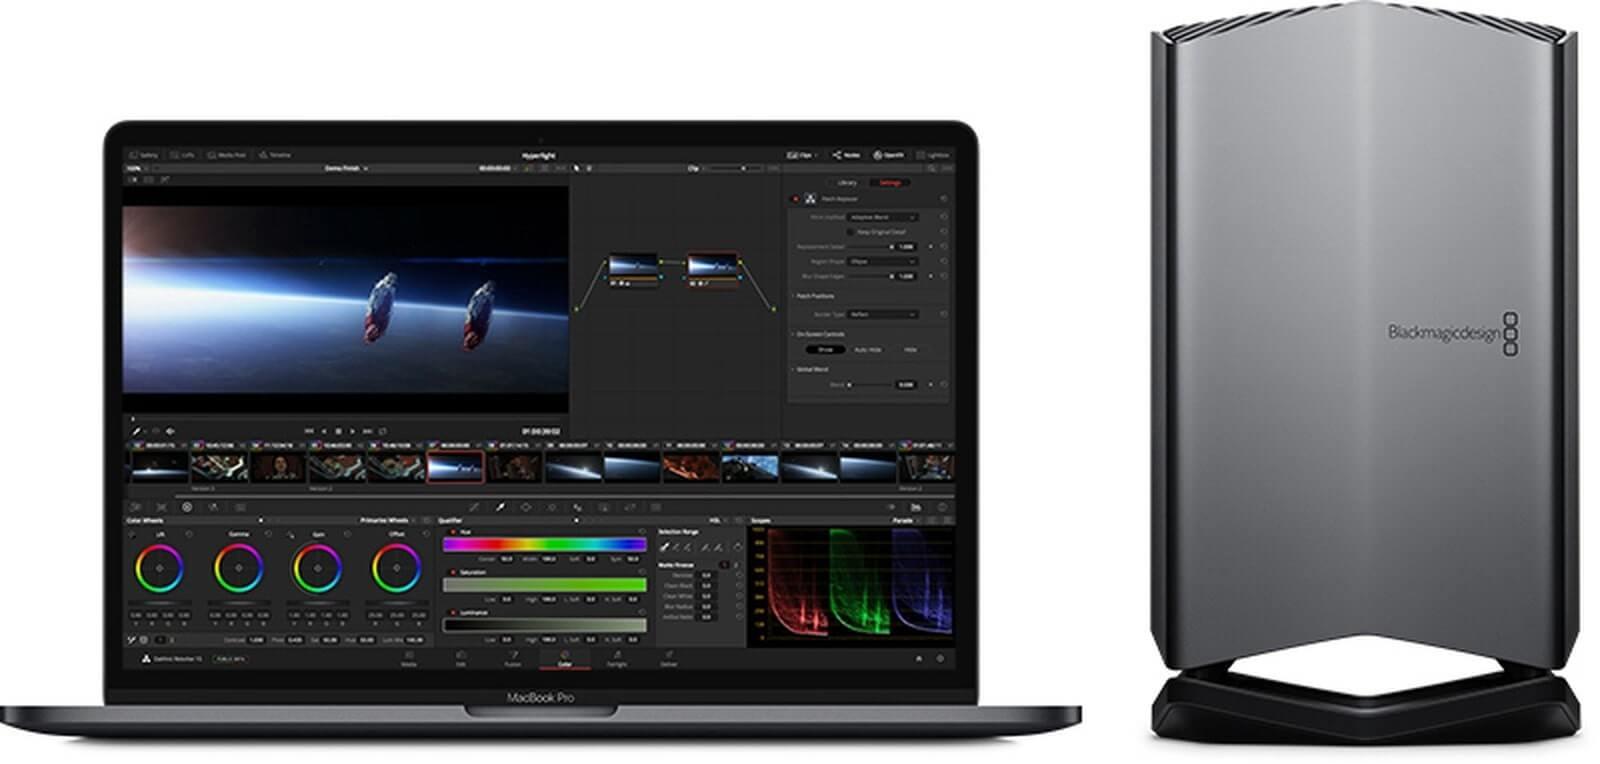 macbook pro 13 inch chip m1